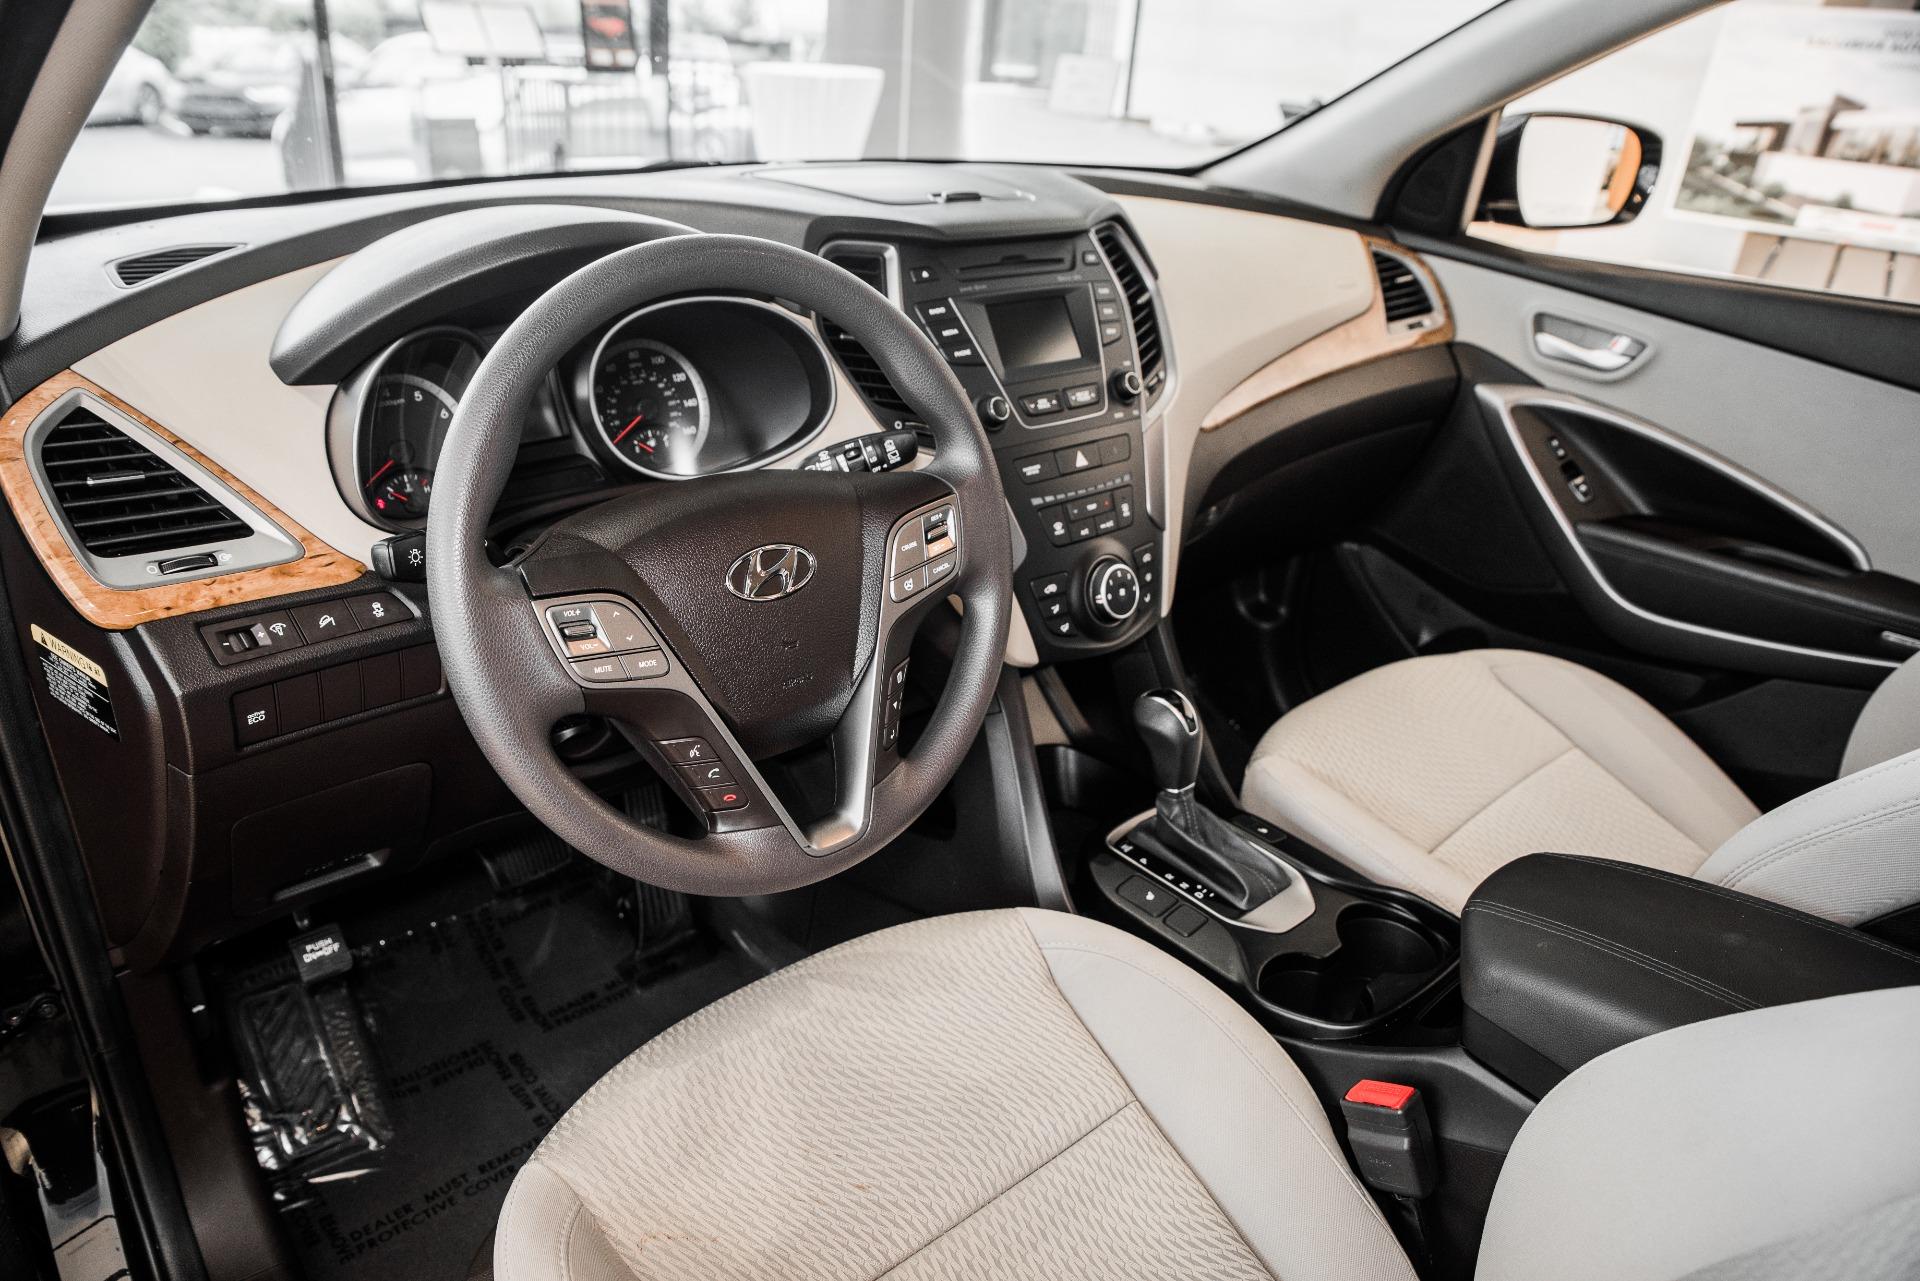 Used-2016-Hyundai-Santa-Fe-Sport-24L